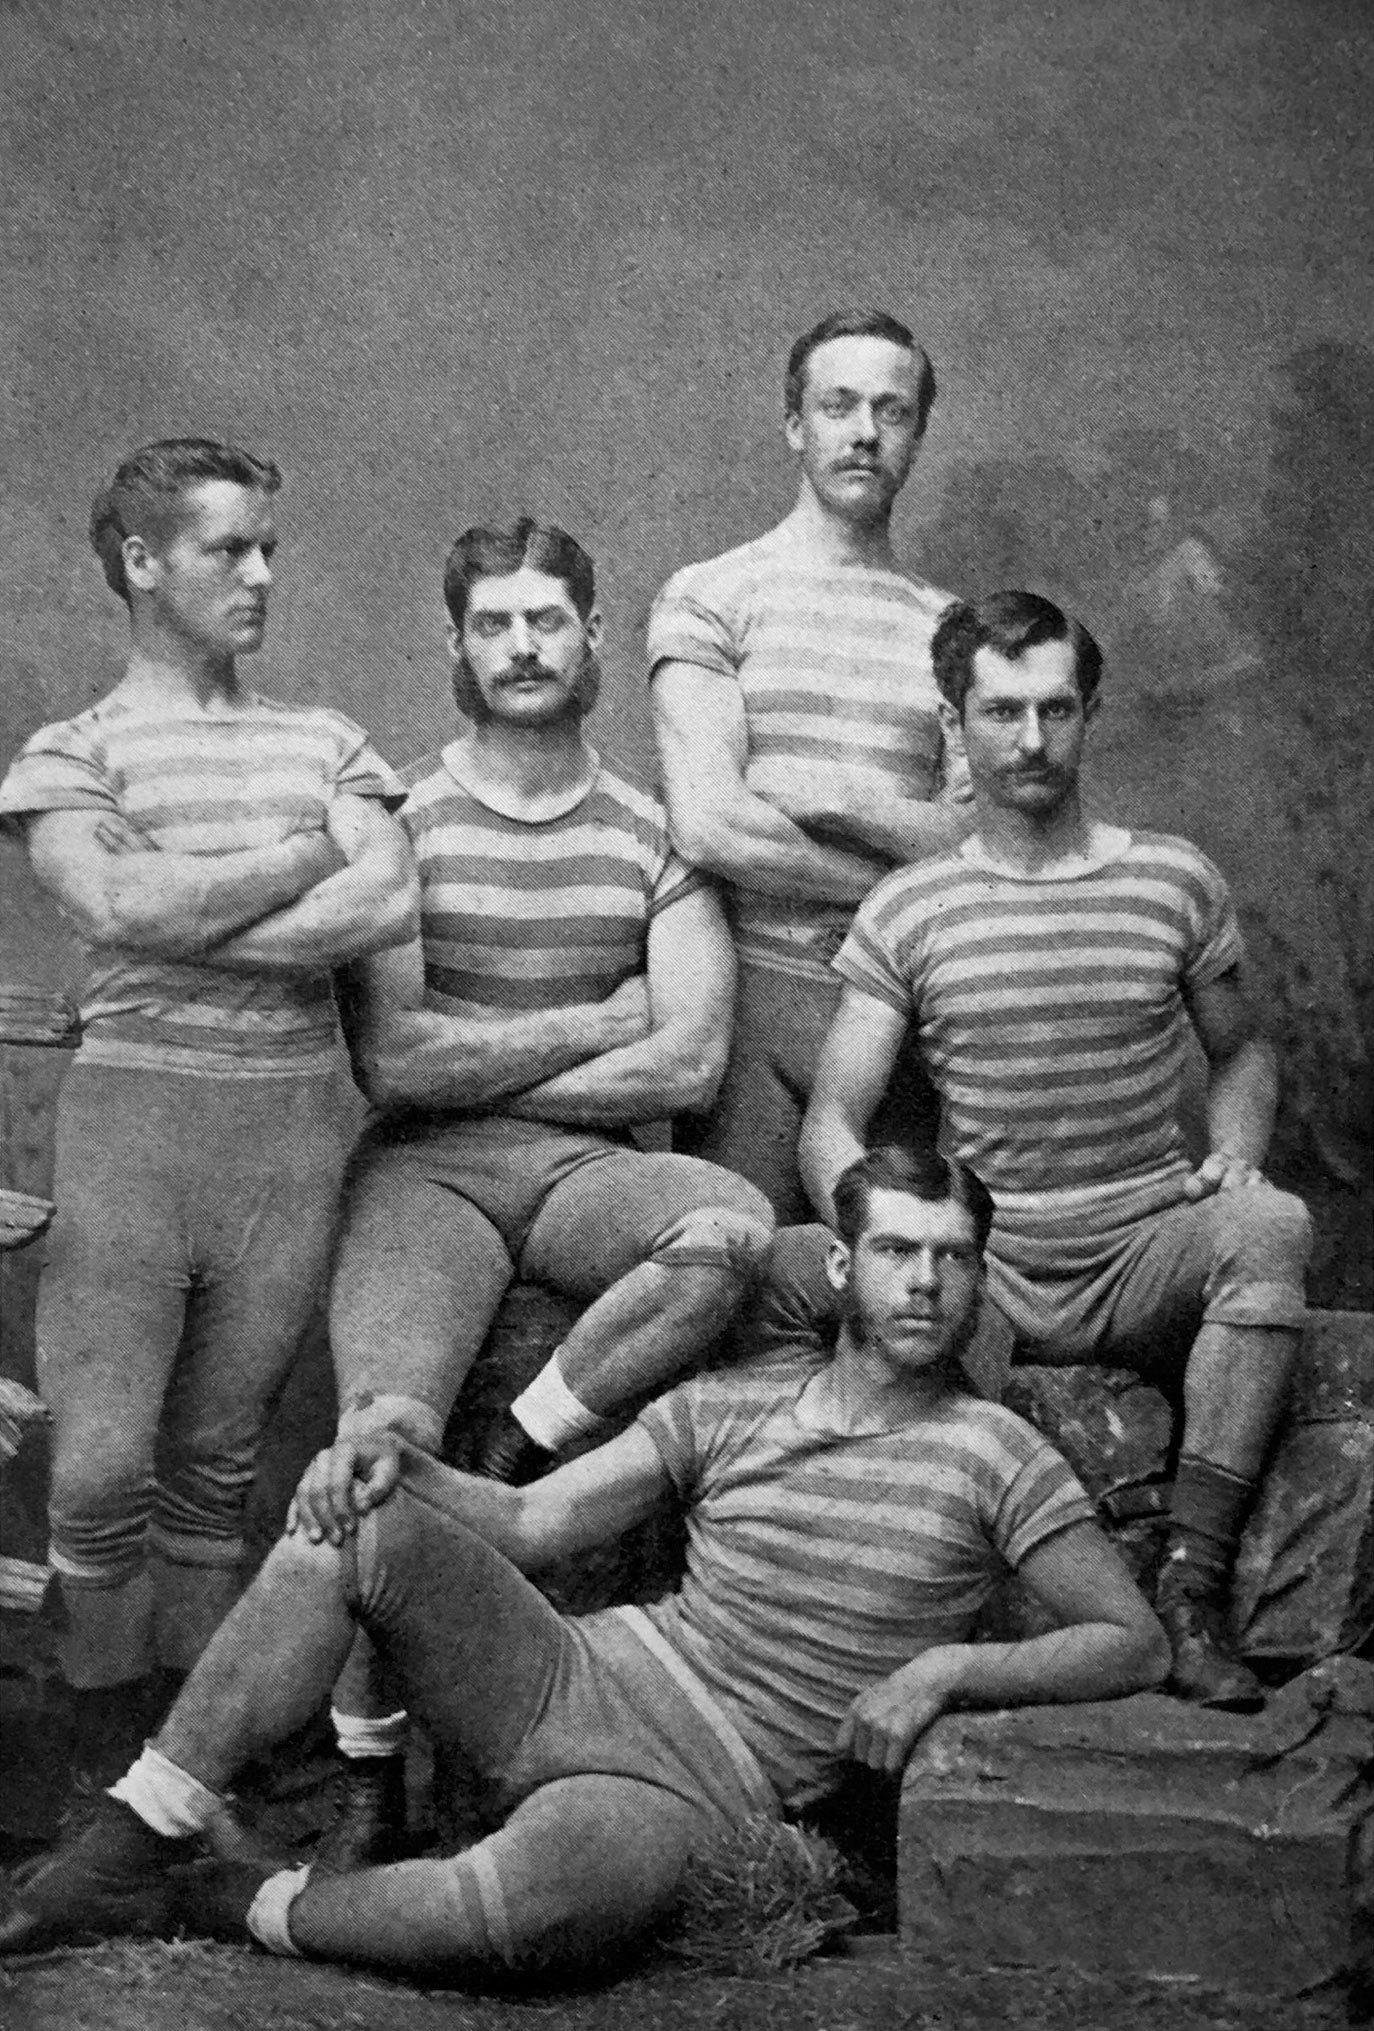 大约1878年,哥伦比亚大学皮划艇运动员